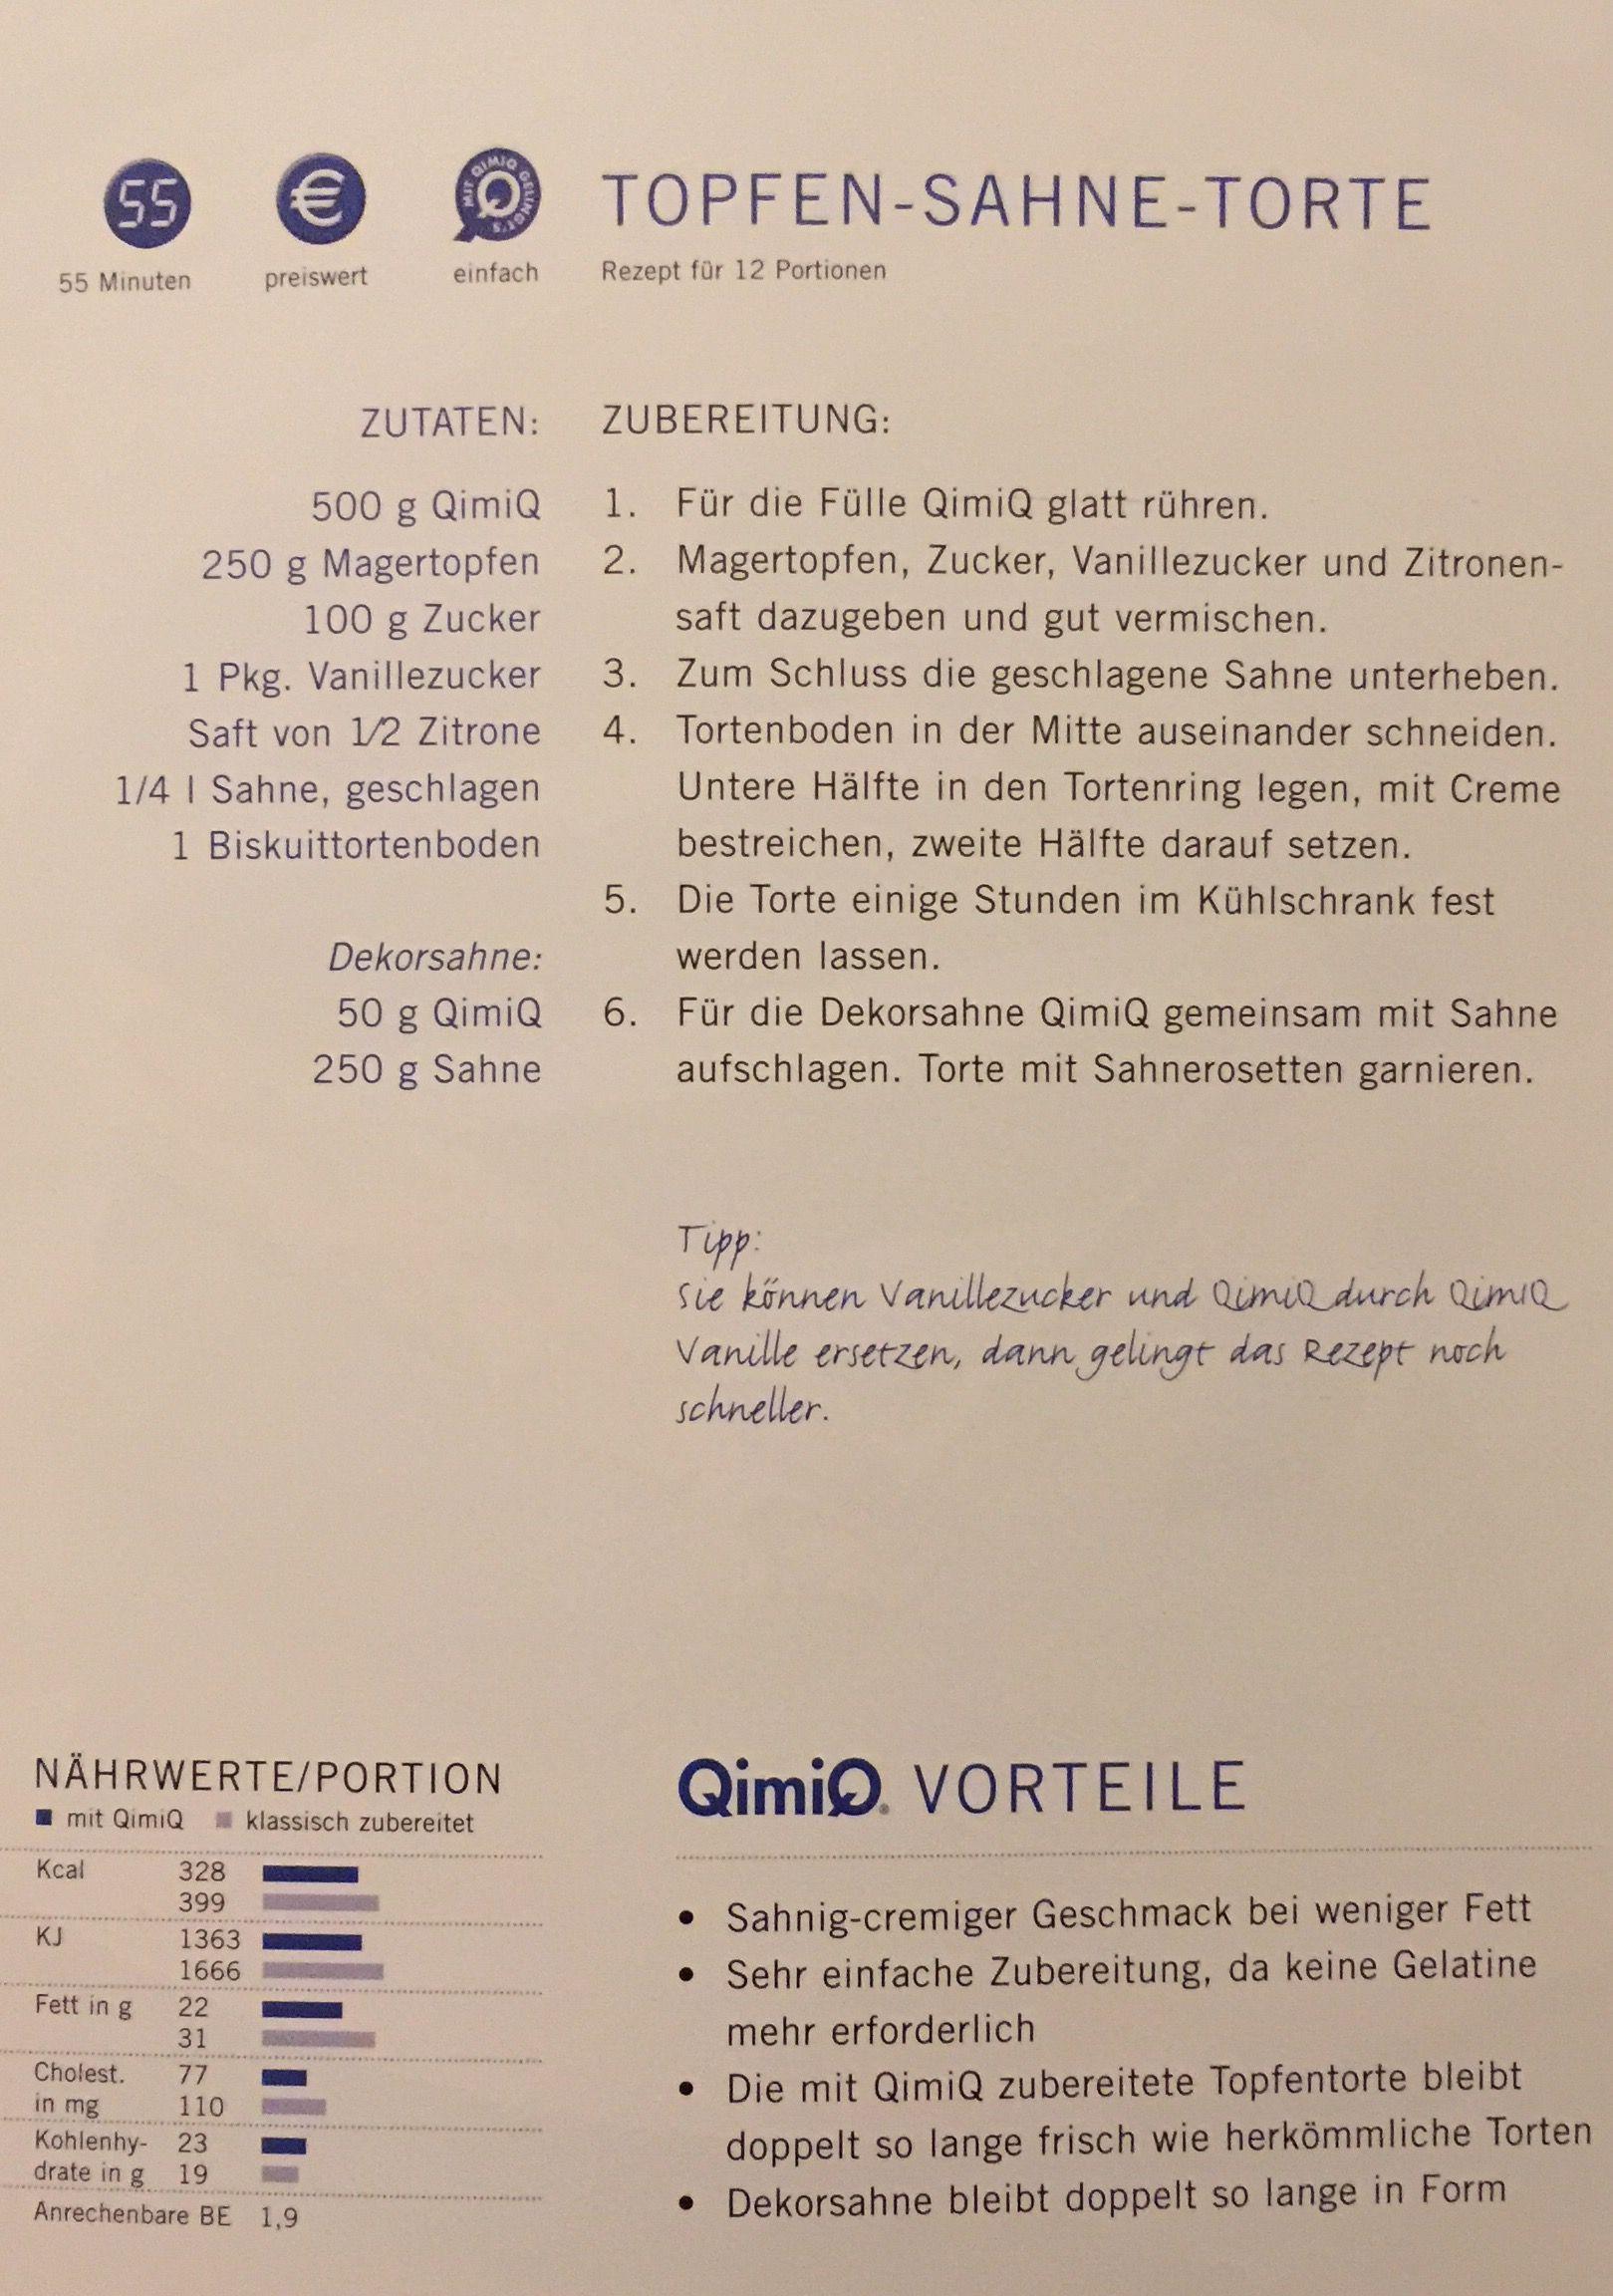 Topfen-Sahne-Torte | 25. Essen-QimiQ-Rezepte | Pinterest